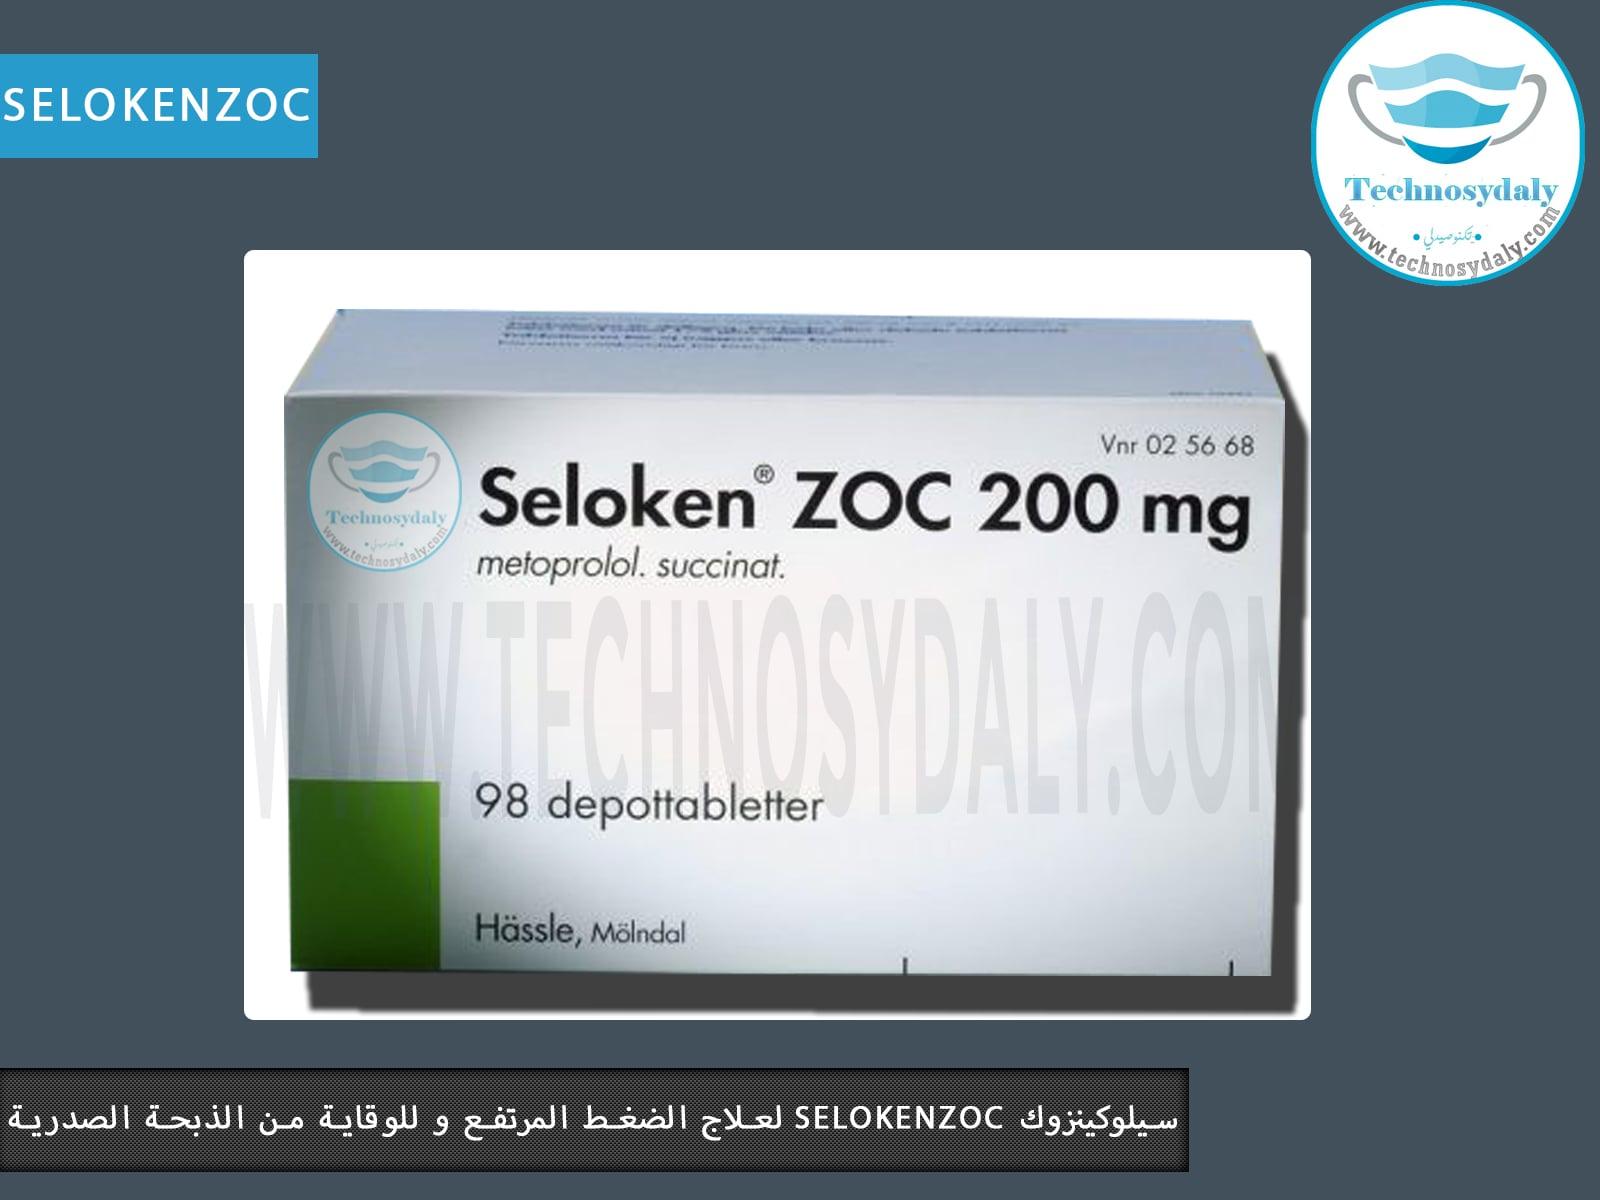 سیلوکینزوك selokenzoc لعلاج الضغط المرتفع و للوقاية من الذبحة الصدرية